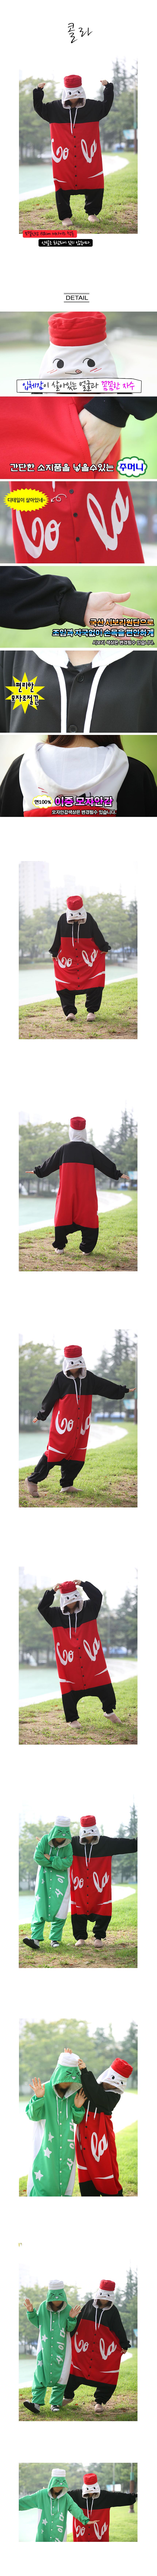 사계절용동물잠옷-콜라 - 사자크동물잠옷, 37,000원, 잠옷, 커플파자마